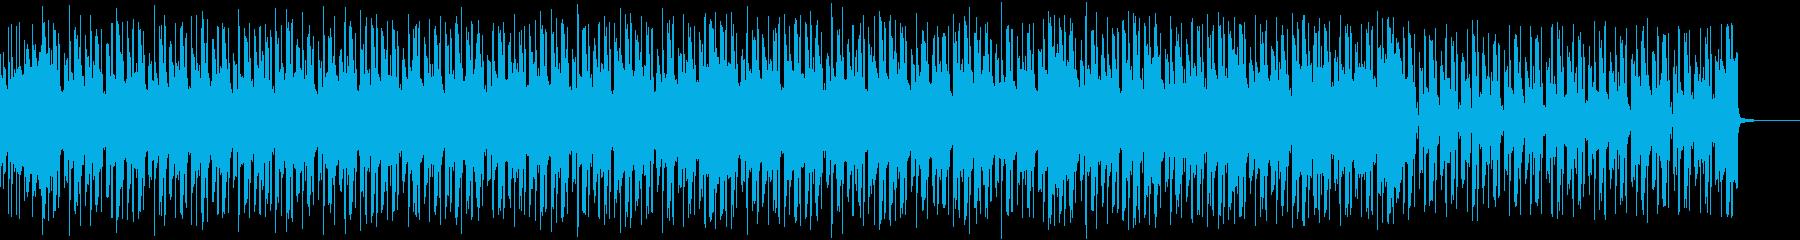 ミッション・推理・クイズ・ミステリーの再生済みの波形